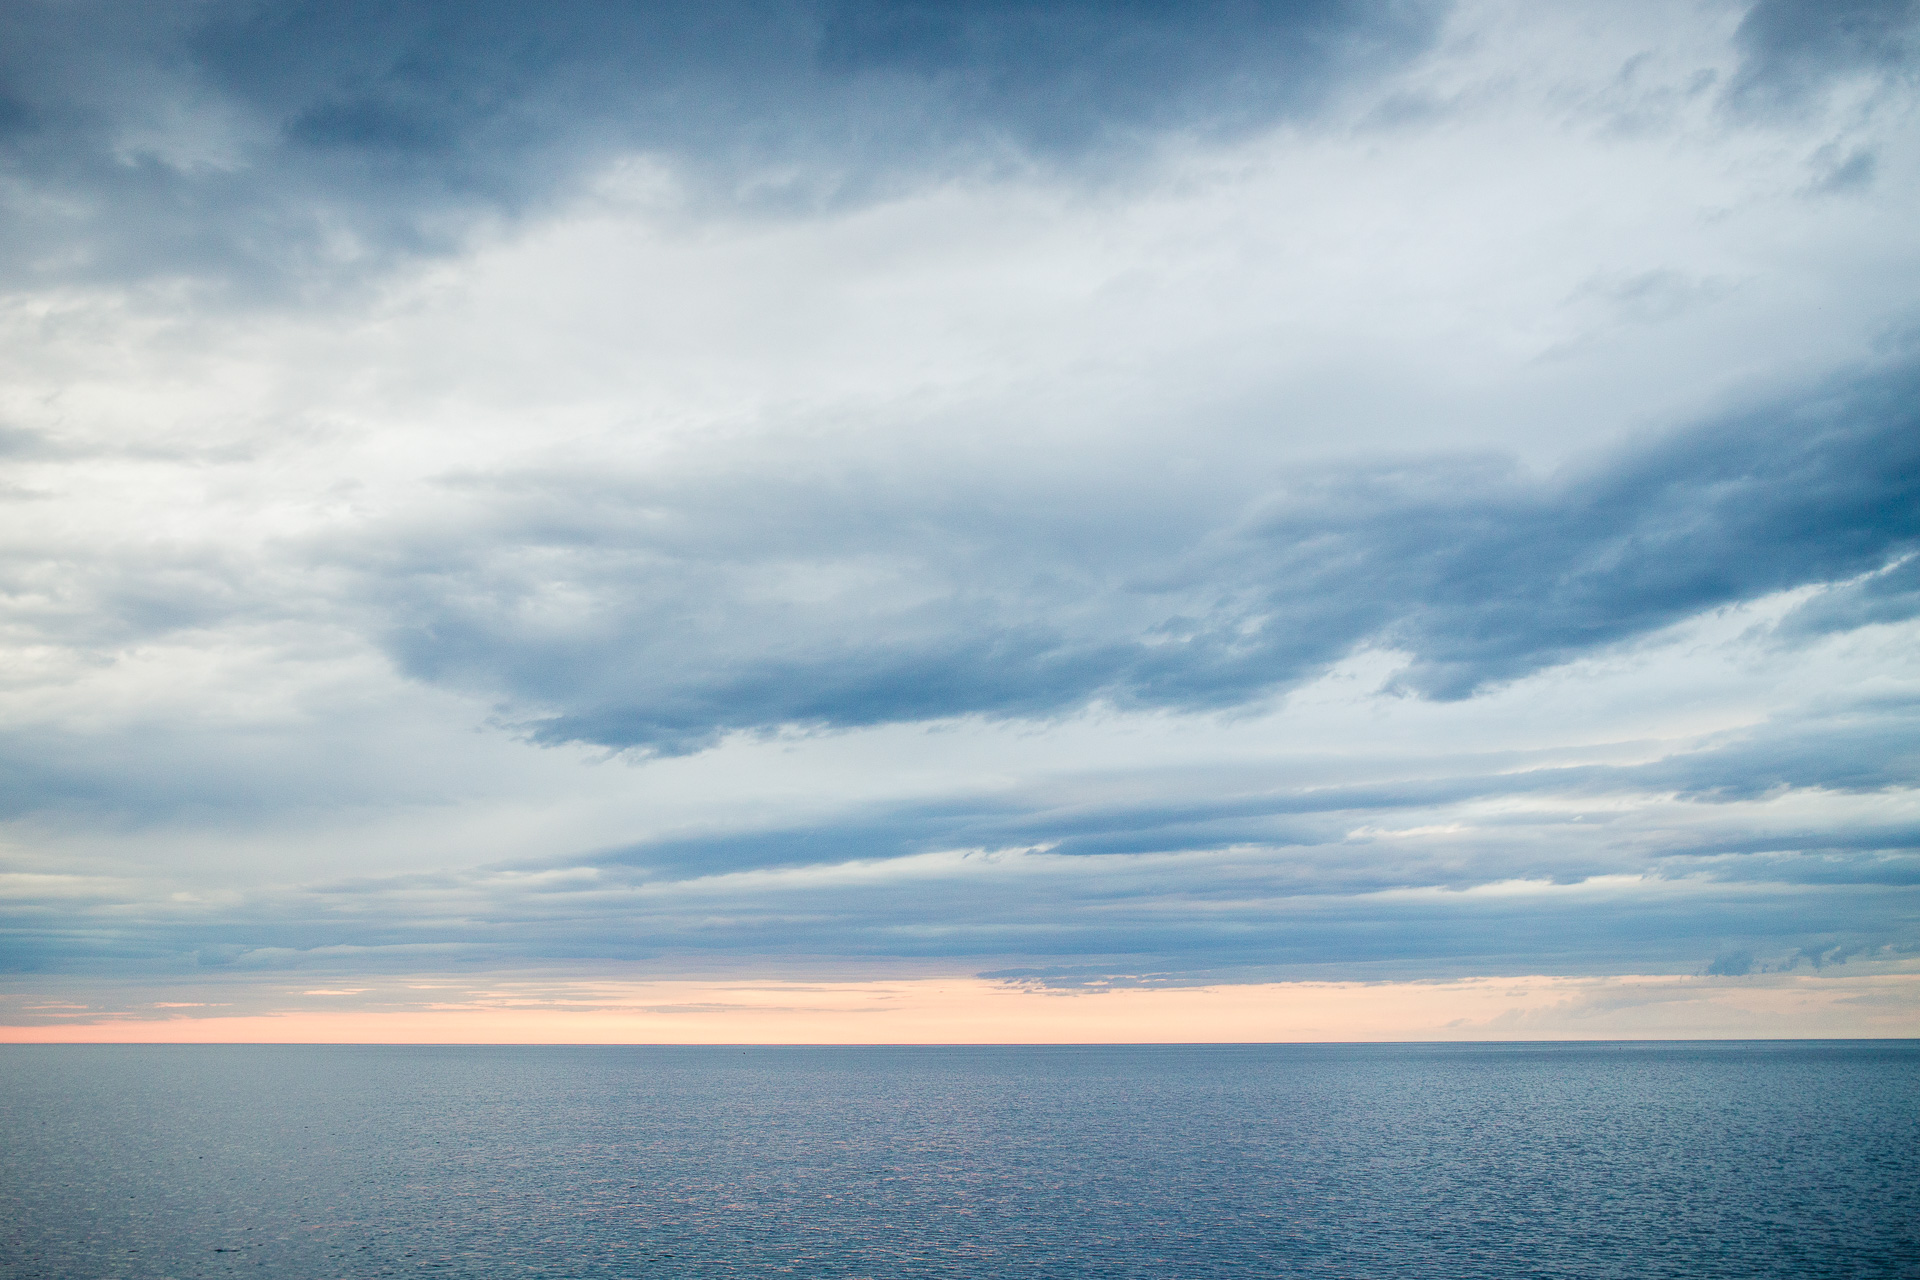 Damien-Dohmen-photographe-Ocean-17